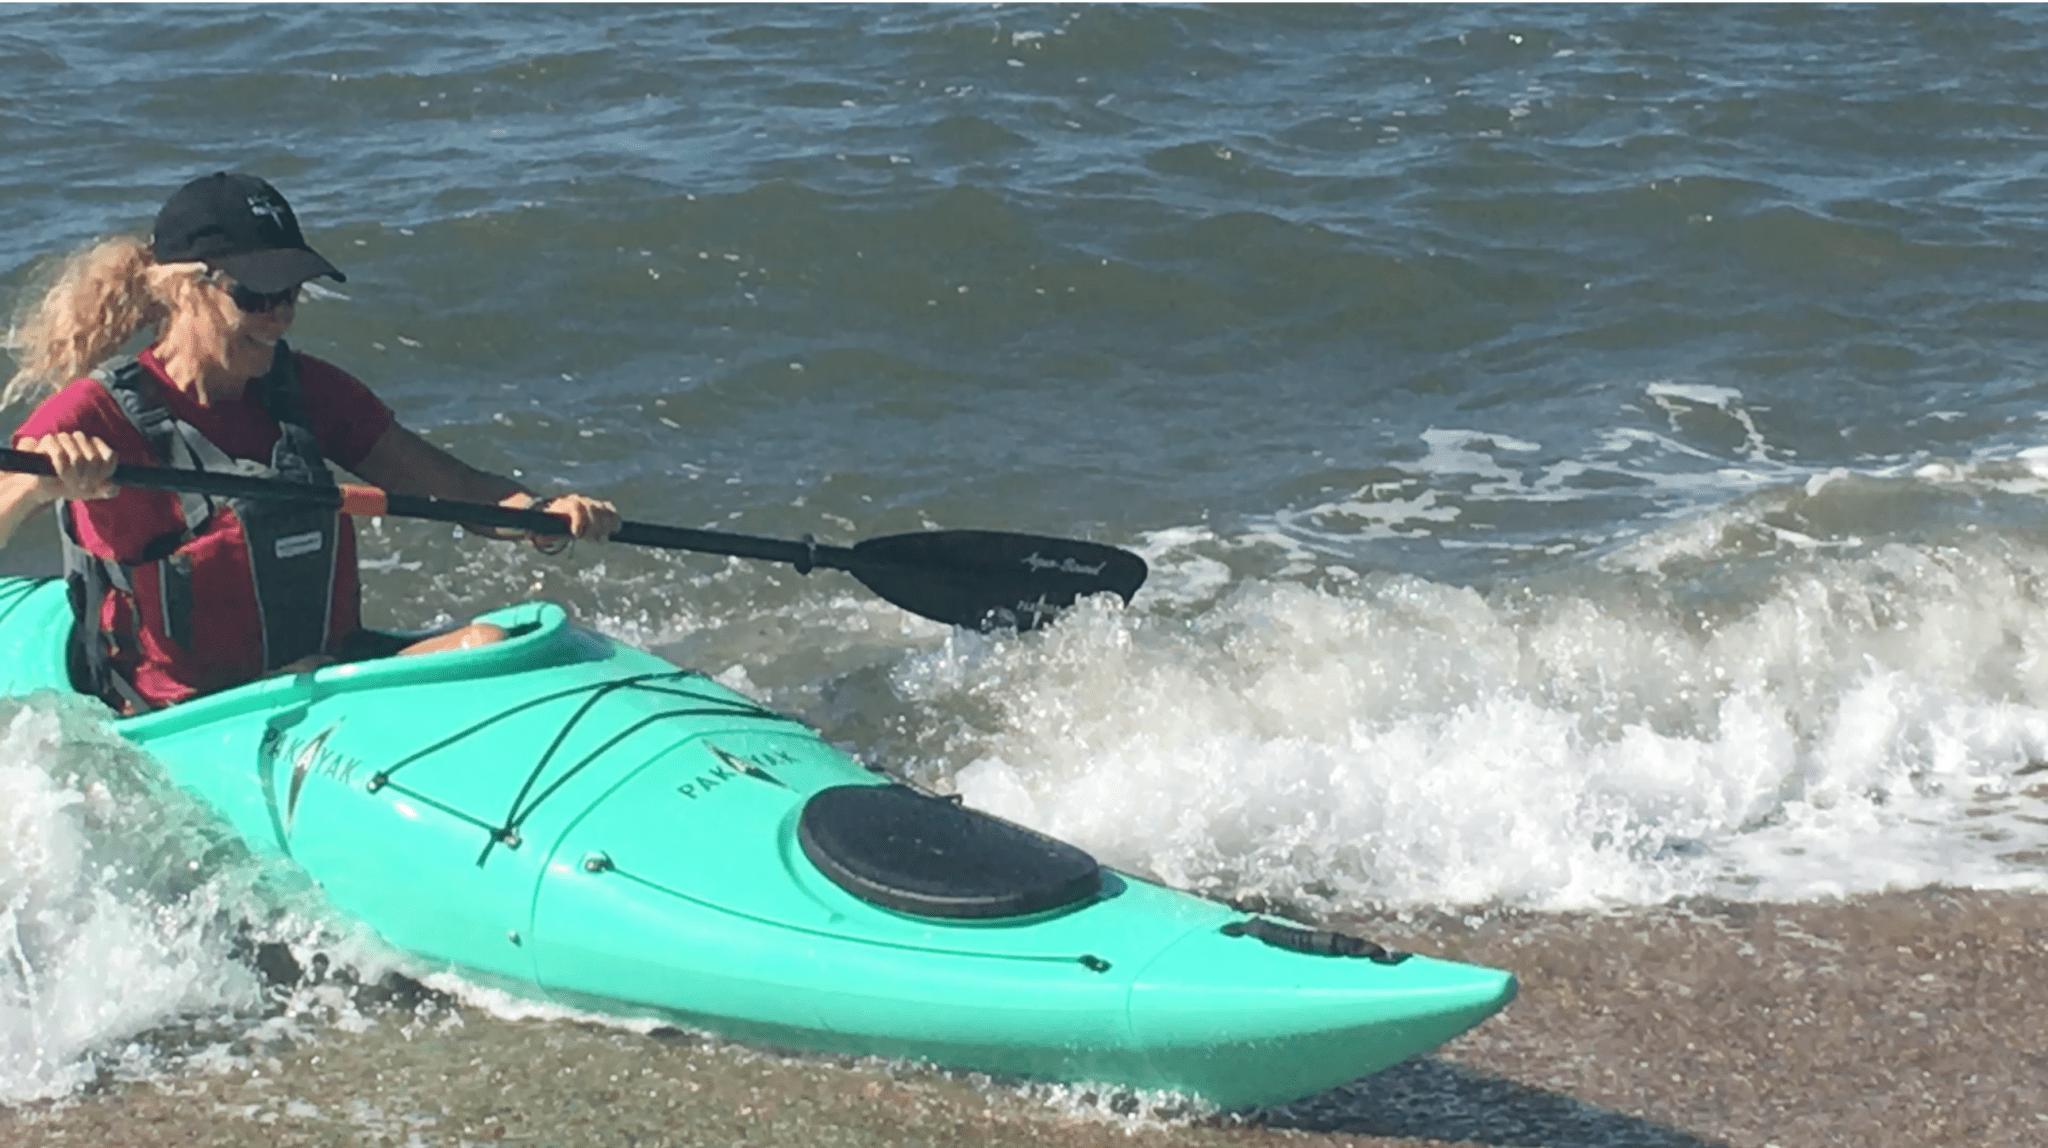 Surfing in Surf